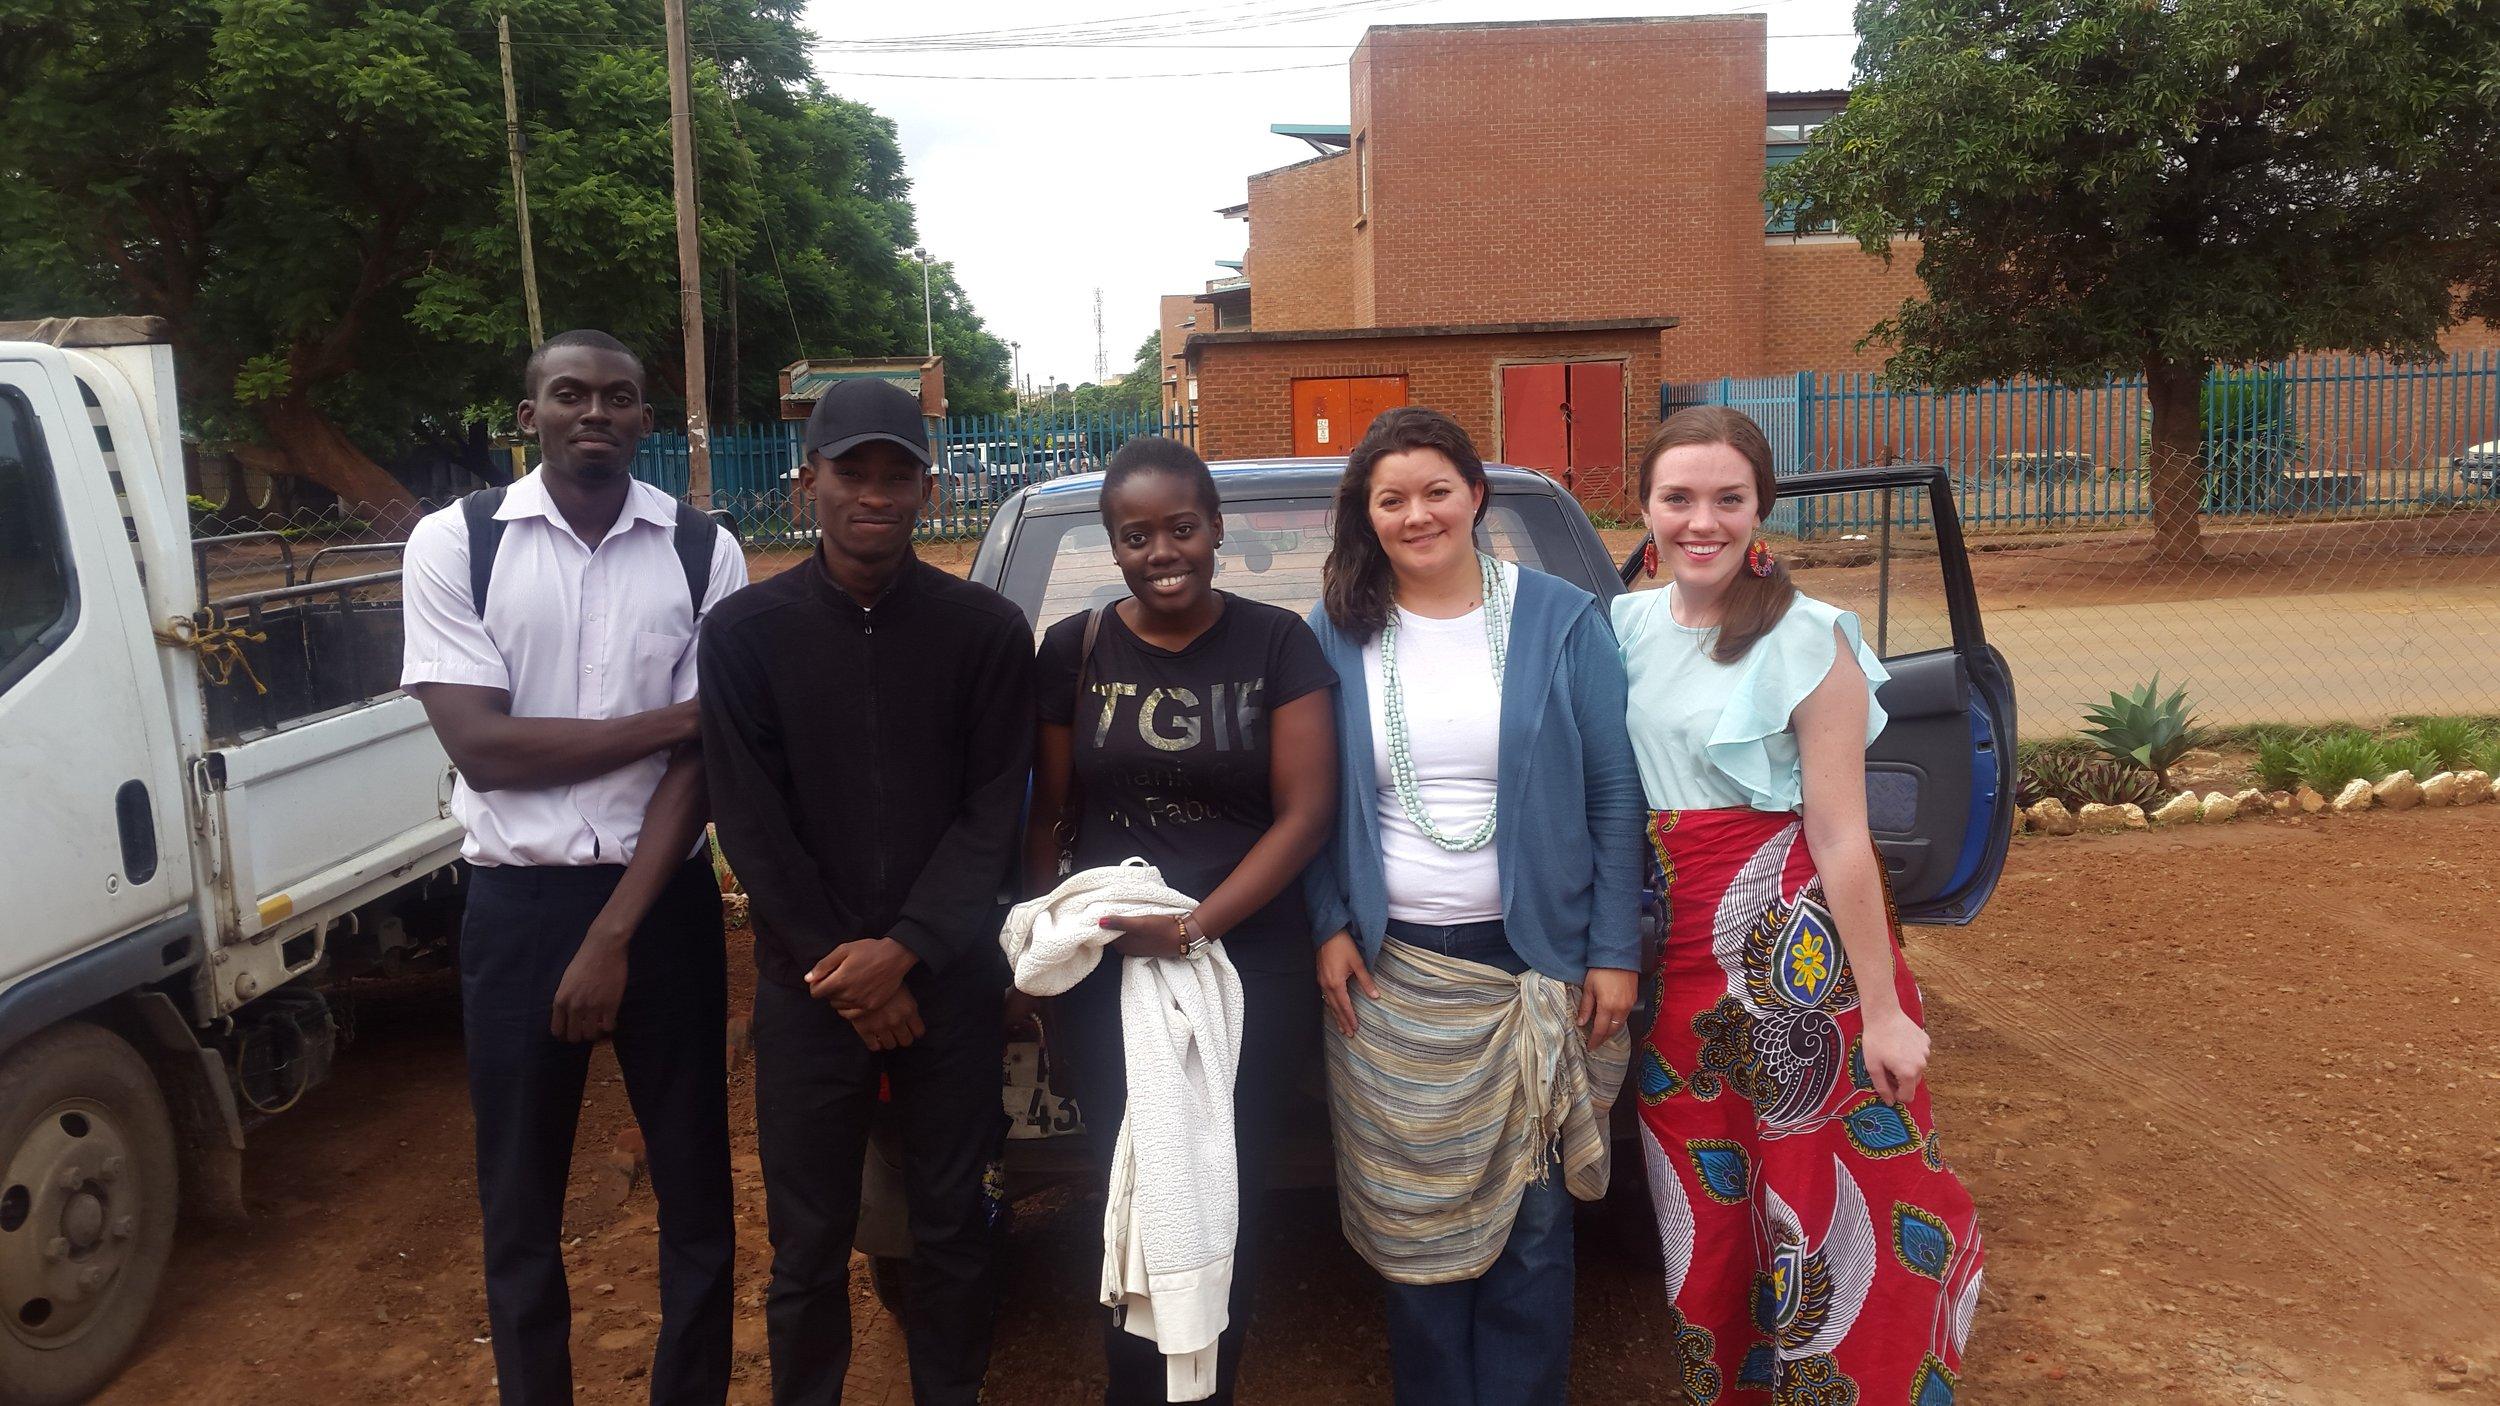 Megan with the UP Zambia team as they conduct interviews with juveniles incarcerated at Lusaka Central Prison. From Left to Right: Chawezi Ng'oma, Paul Kapianga, Chimbalanga Wapamesa, Sara Larios, Megan Keenan.